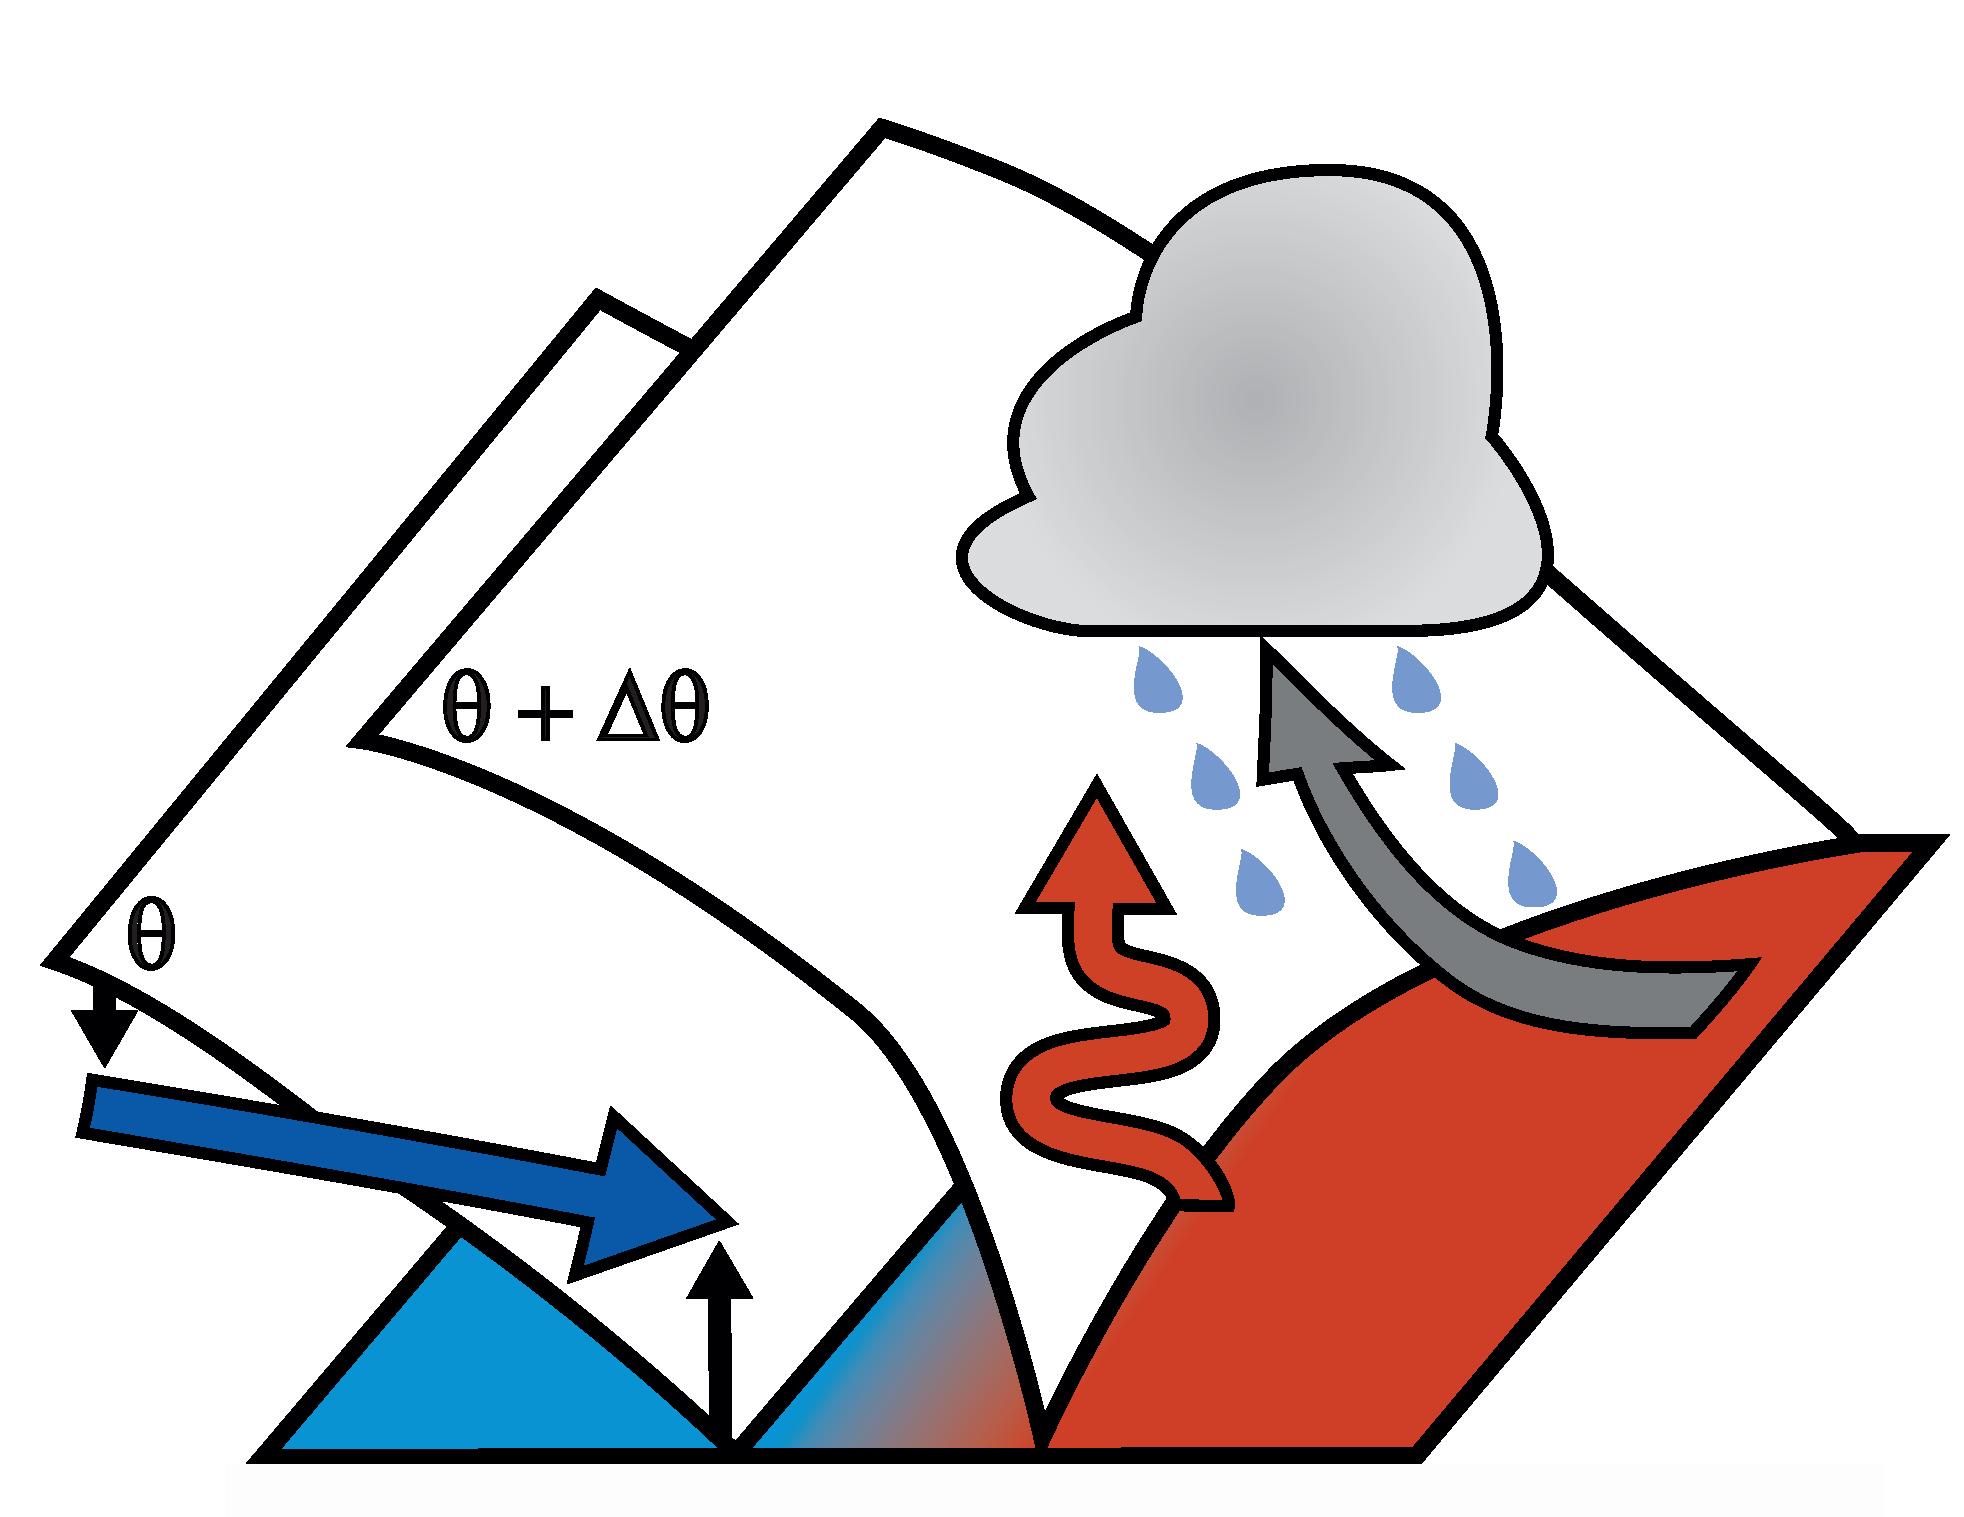 Figur til UNPCC-prosjektet til Thomas Spengler. Skyer og piler